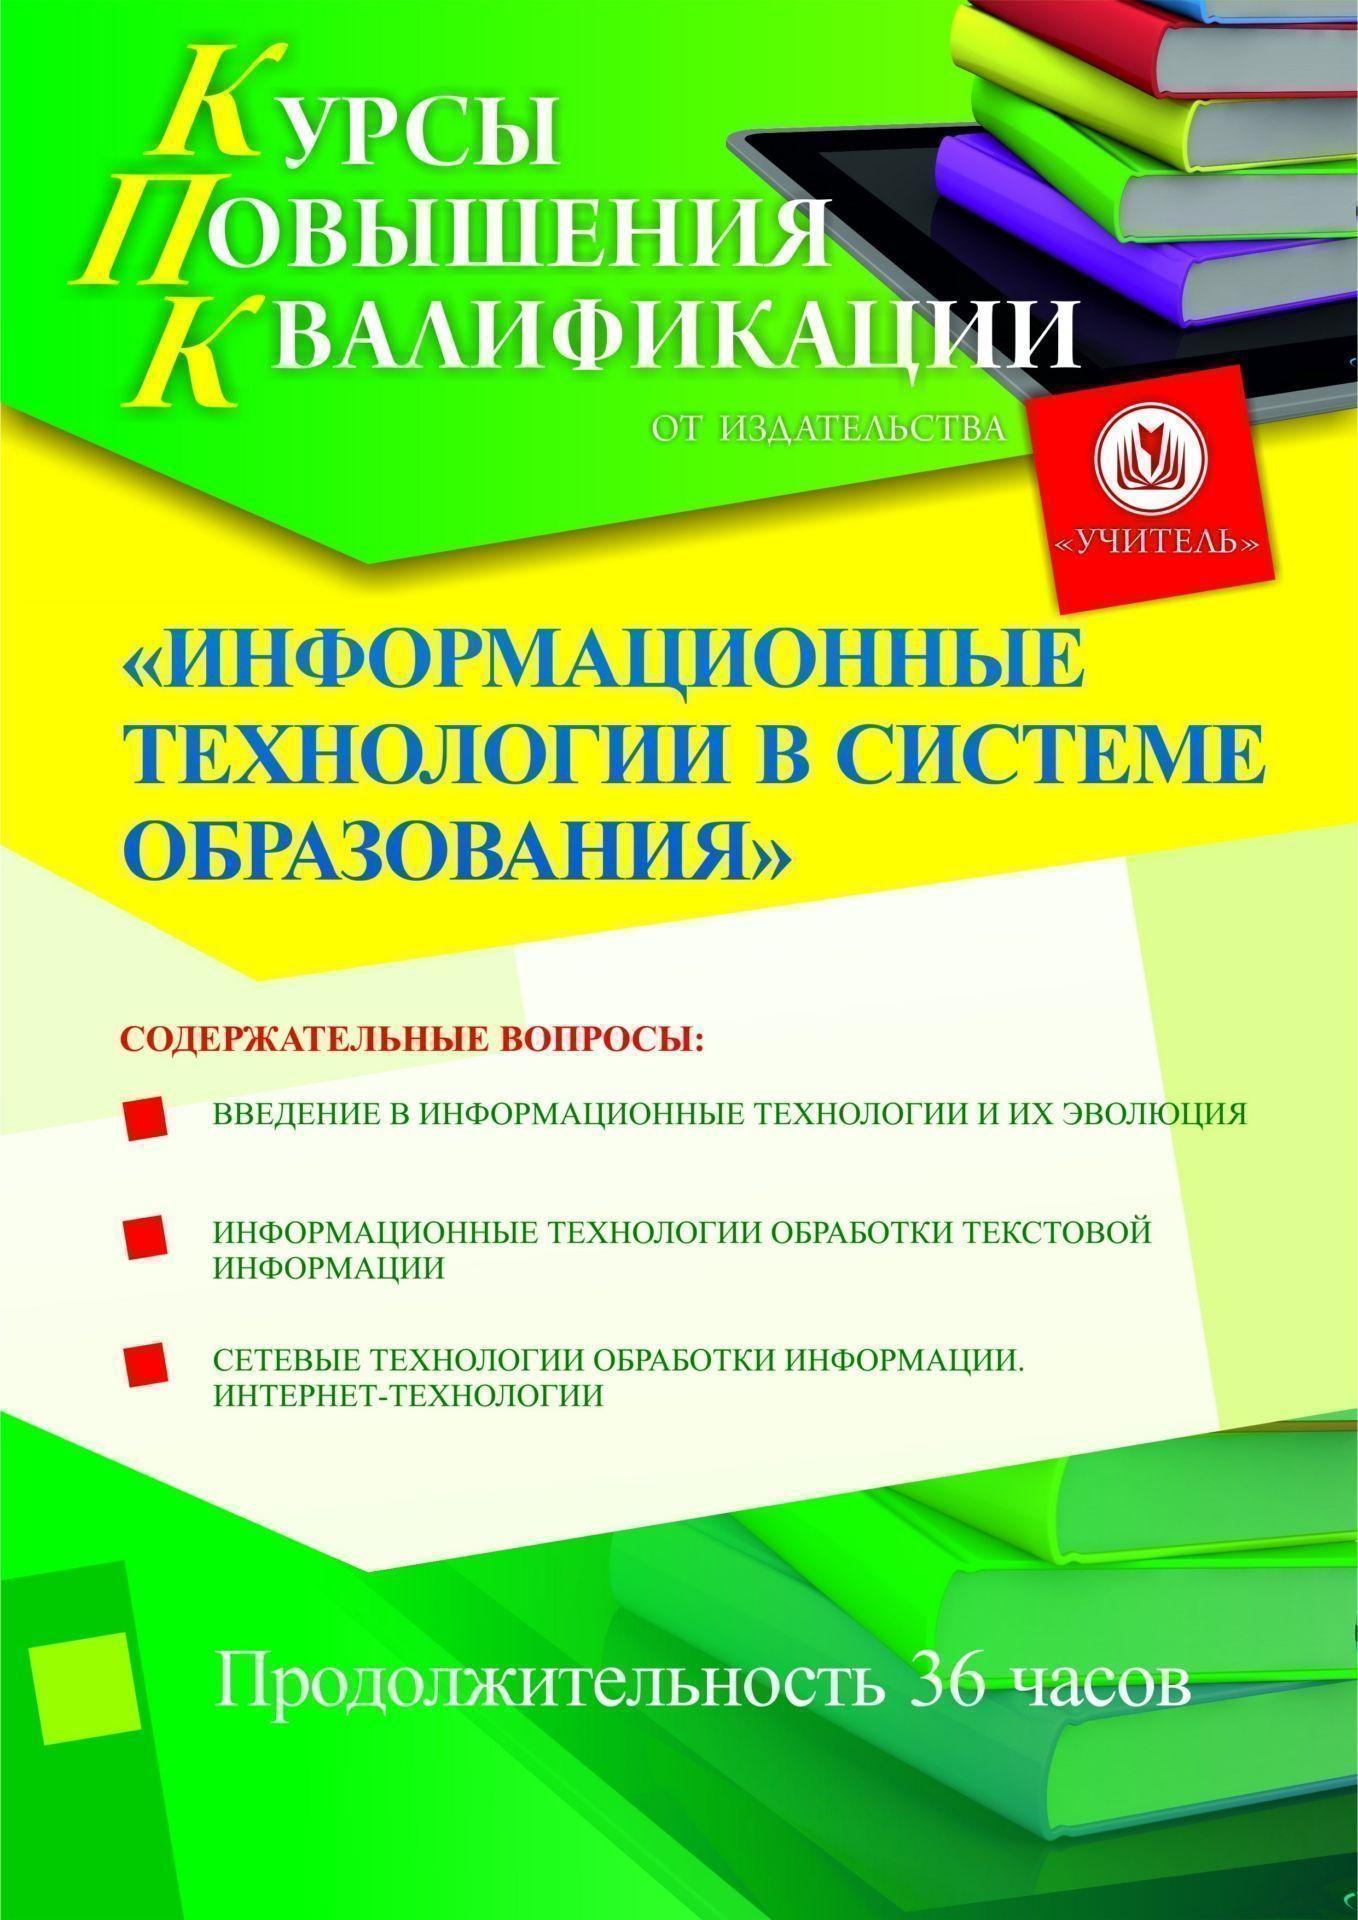 Информационные технологии в системе образования (36 ч.) фото